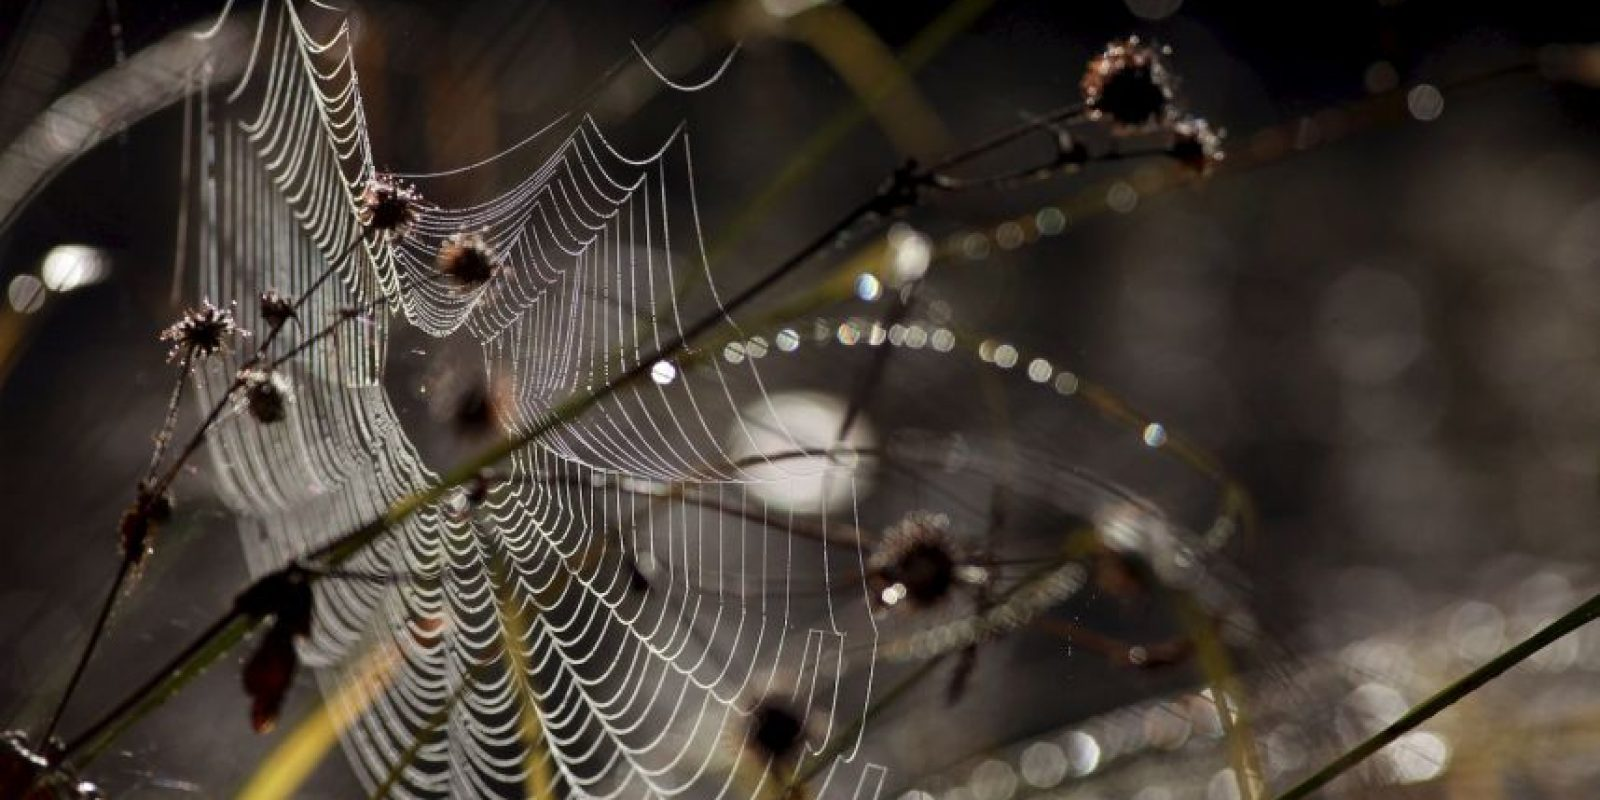 Su telaraña la usan como paracaídas. Foto:Getty Images